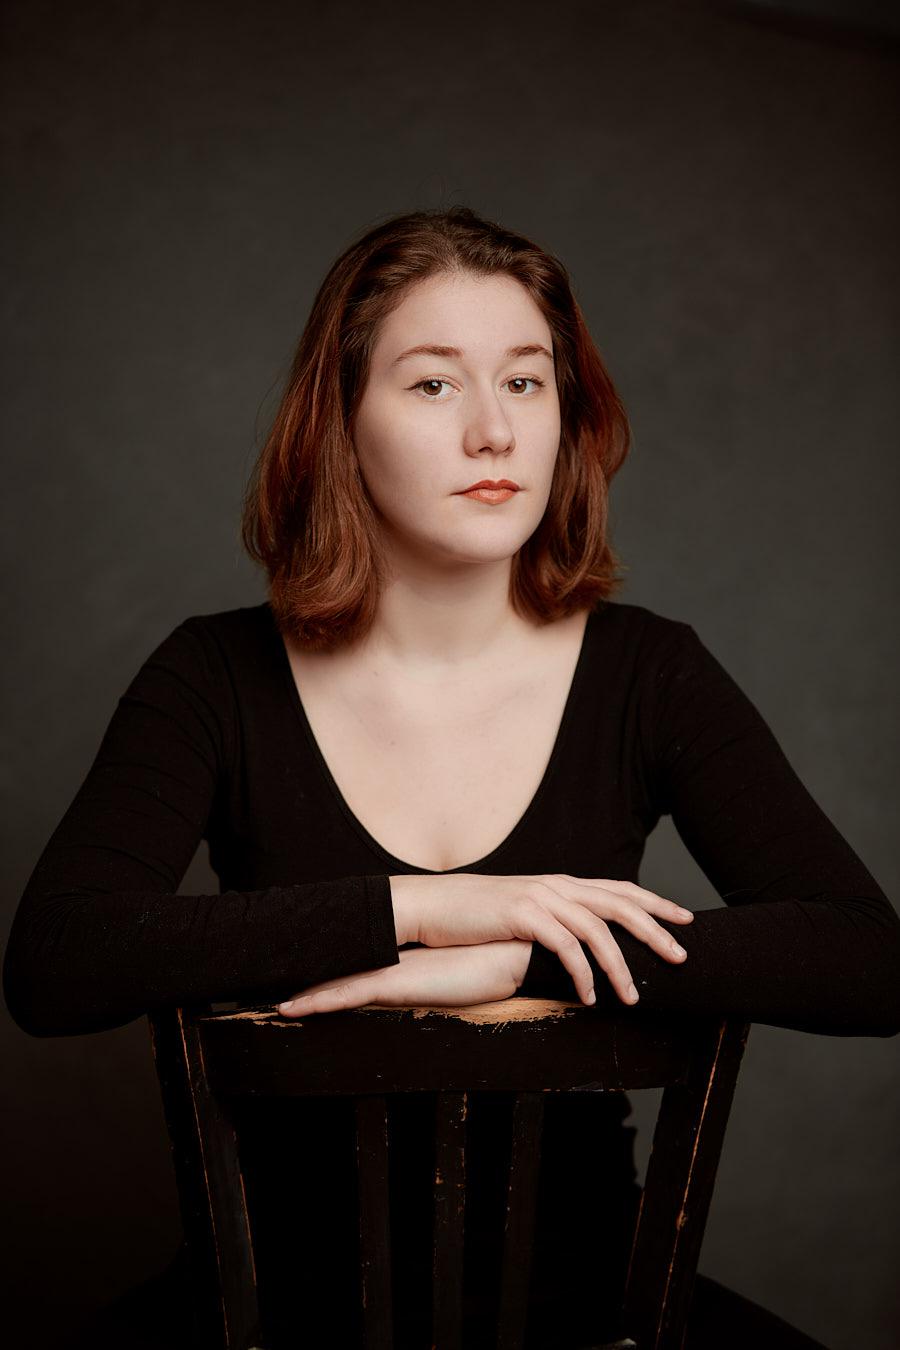 Isabella Kolb, Schauspielerin, fotografiert von Christian Palm